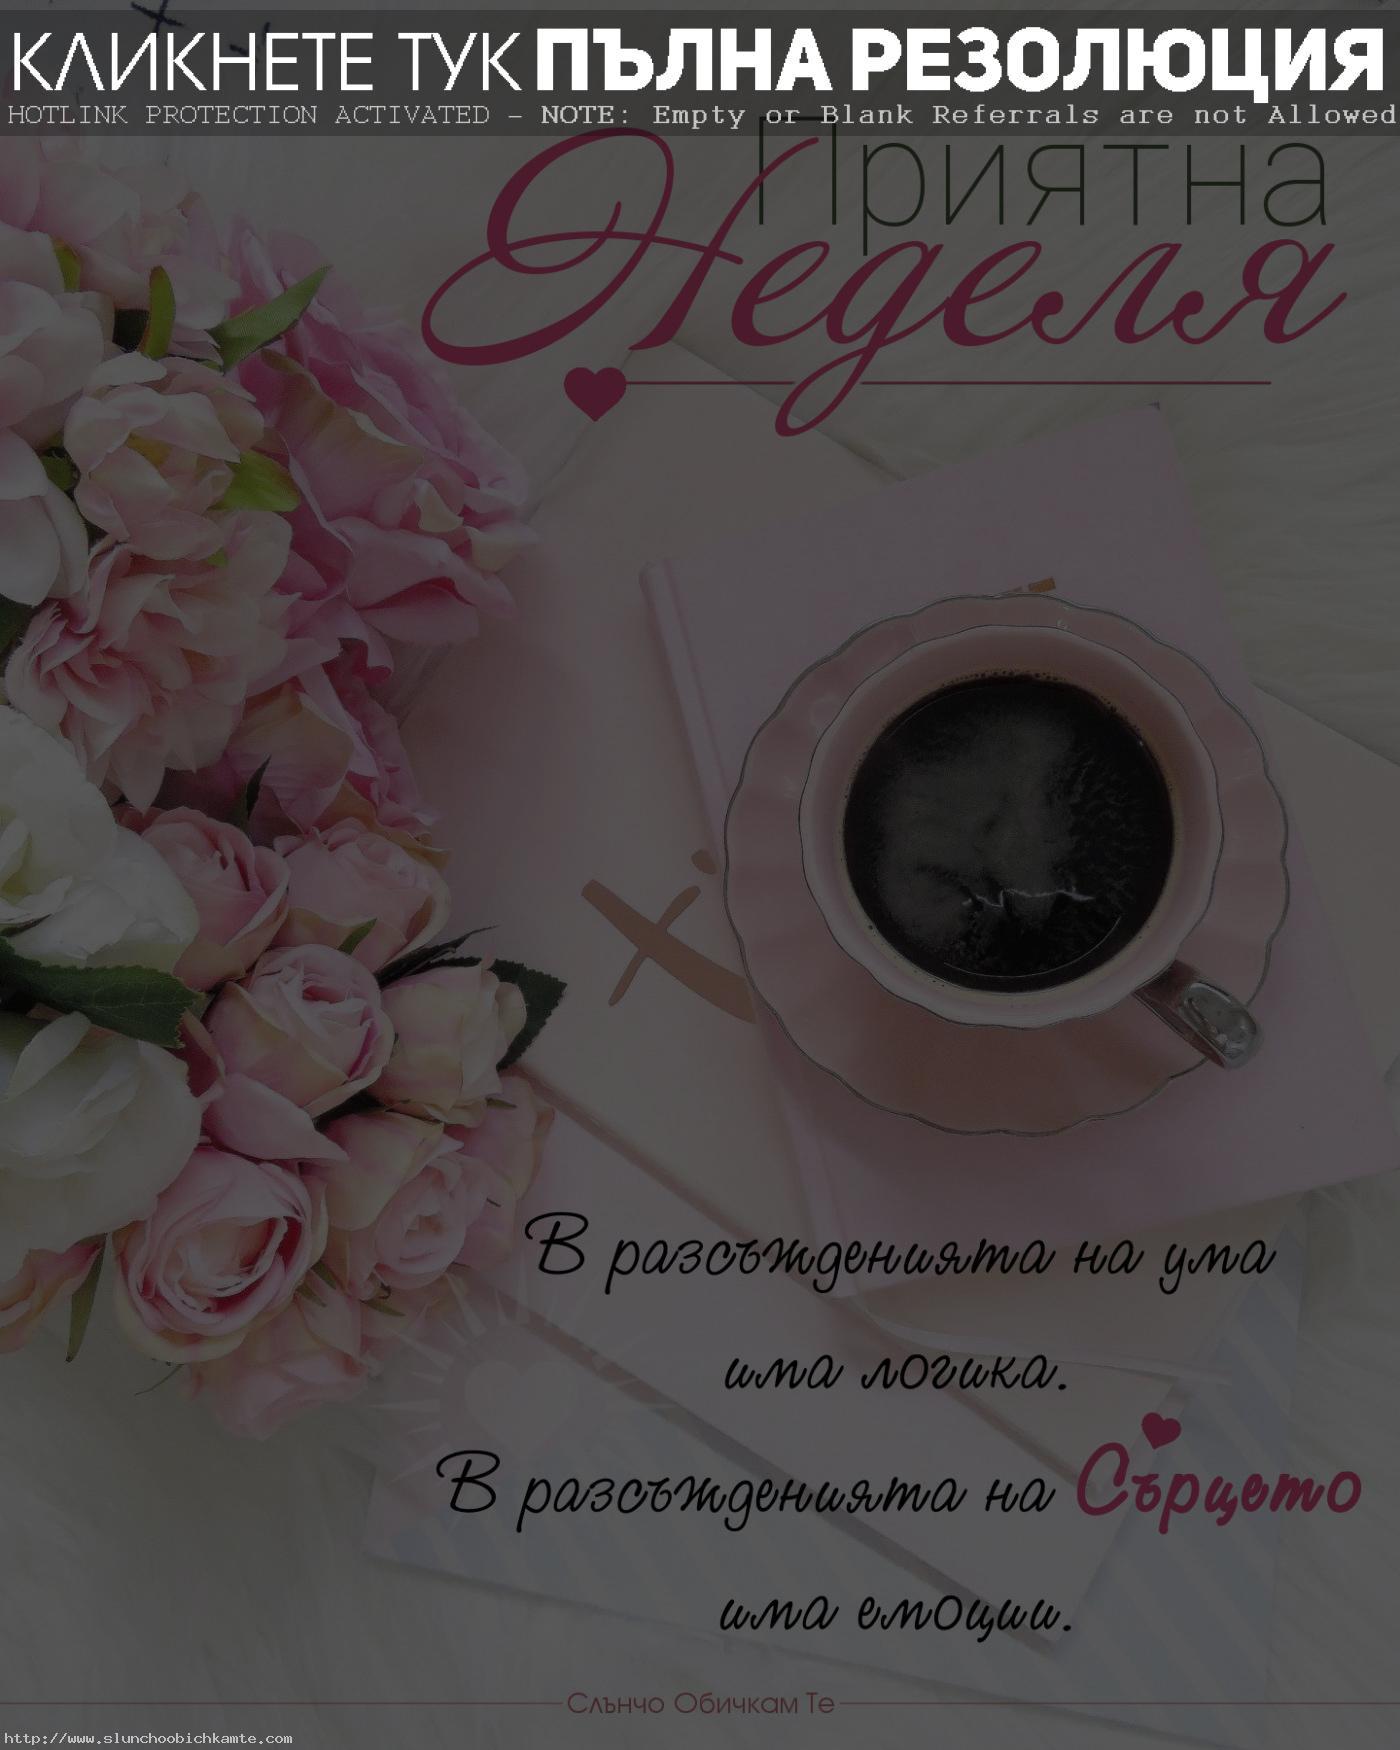 Приятна неделя - В разсъжденията на ума има логика, в разсъжденията на сърцето има емоции - неделя, пожелания за уикенд, пожелания за неделя, хубава неделя, слънчева неделя, усмихната неделя, слънчев уикенд, приятен уикенд, хубав уикенд, емоции, любов, добро утро, кафе, цветя